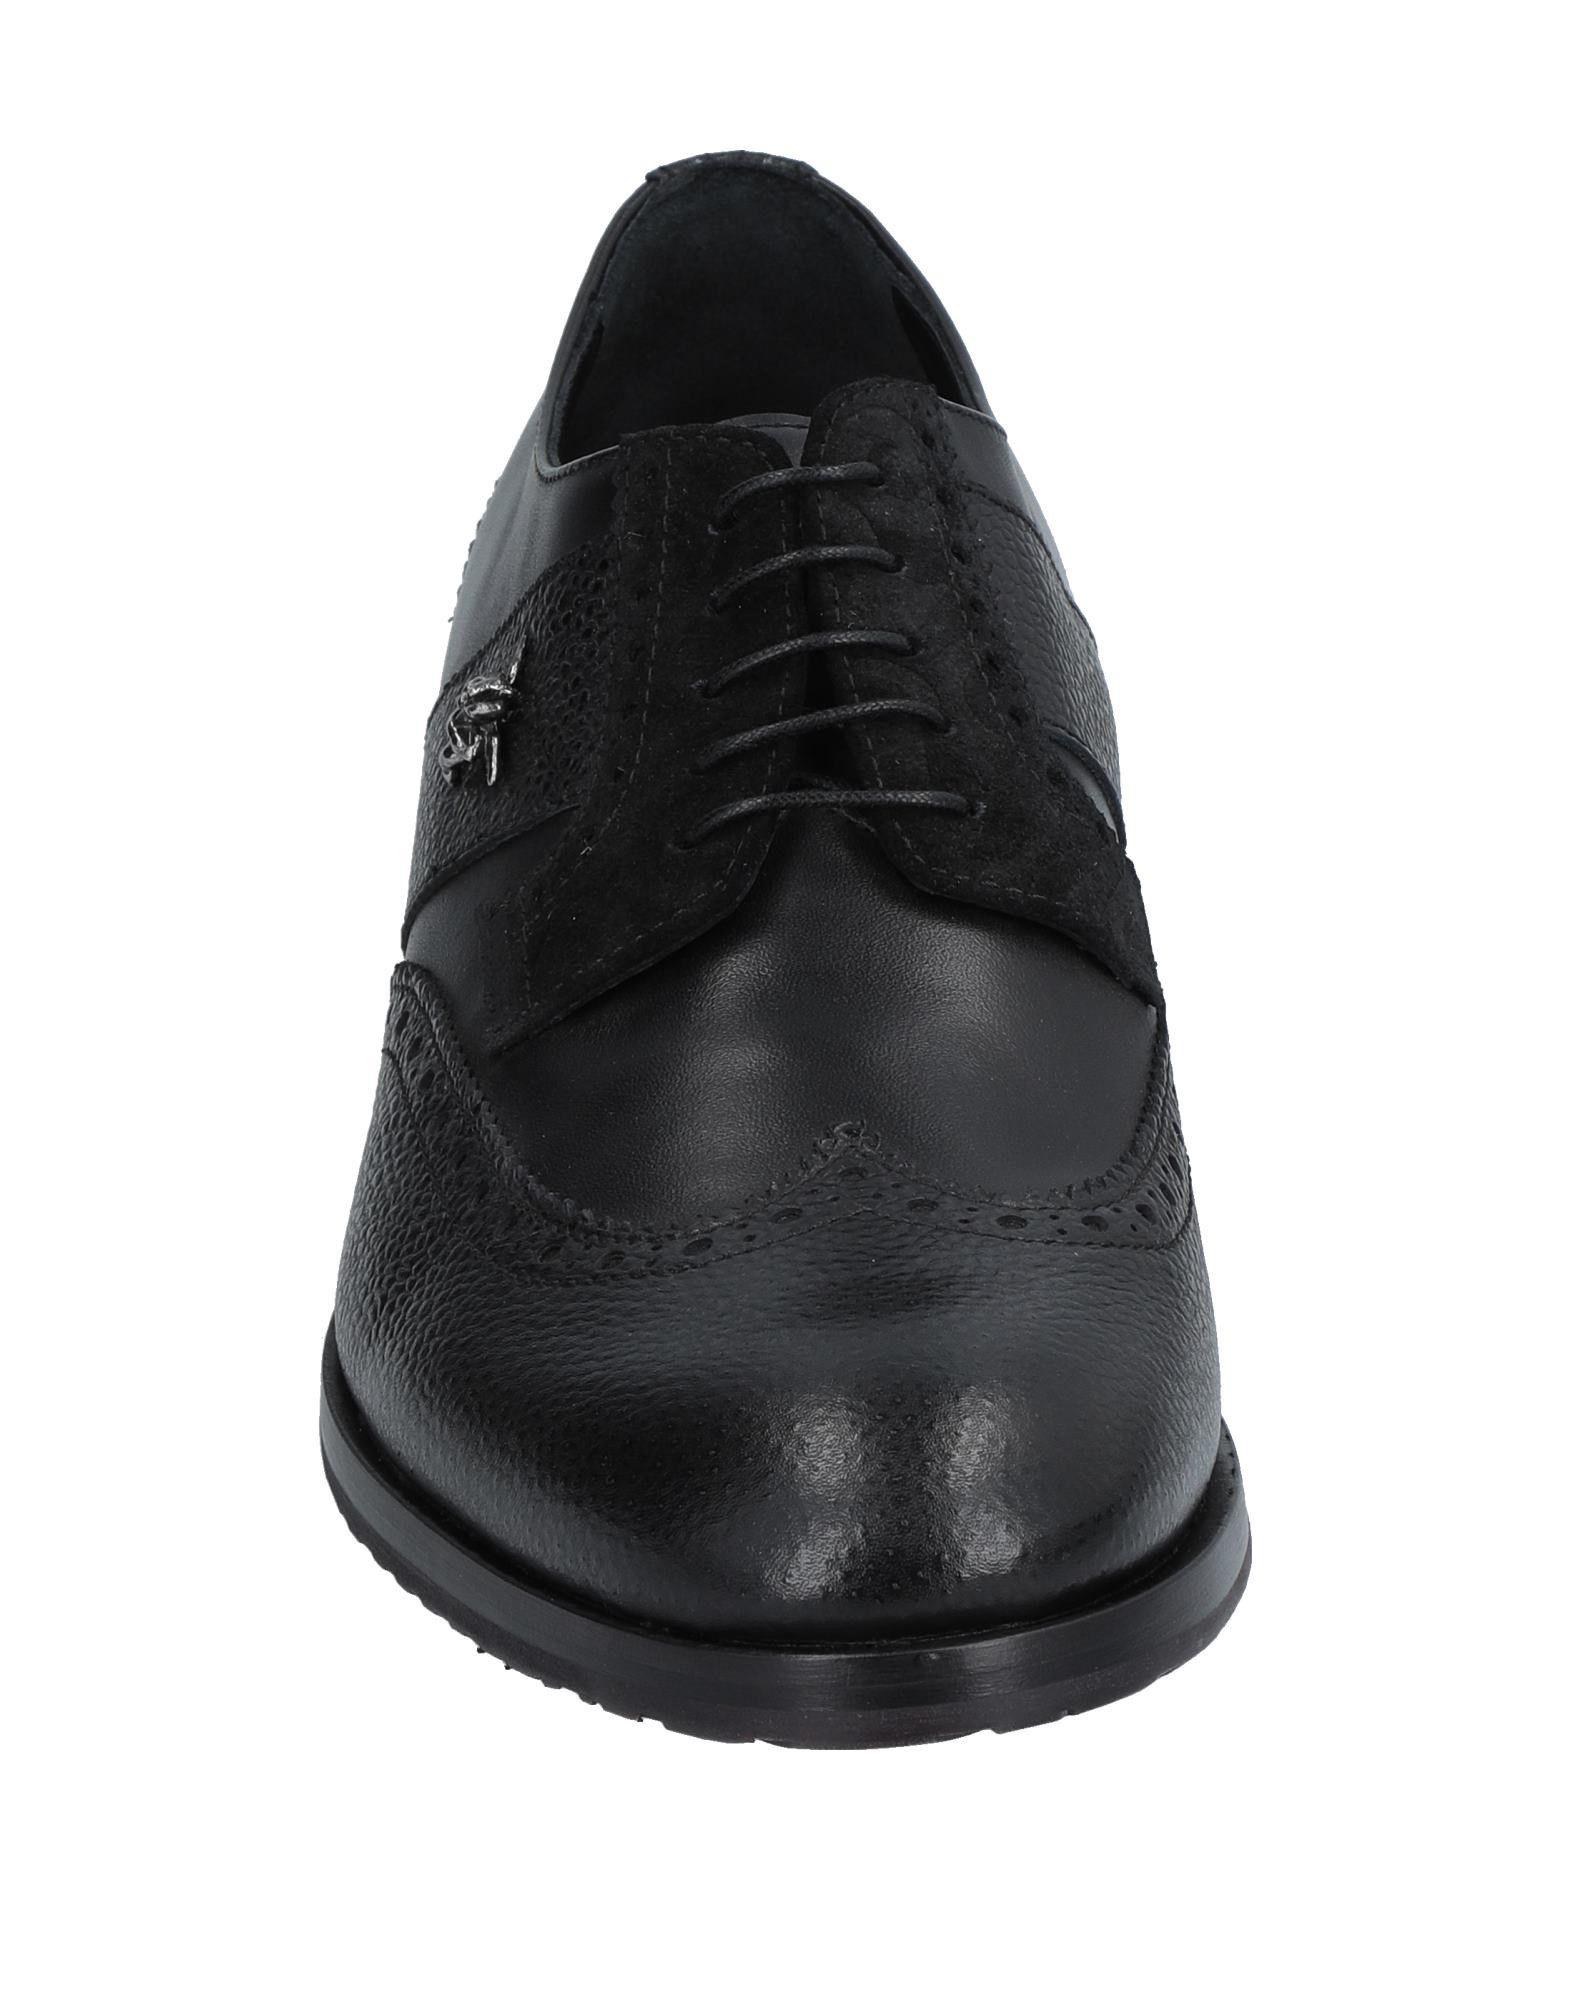 John Richmond Schnürschuhe Herren Neue  11531174OQ Neue Herren Schuhe 2332d8